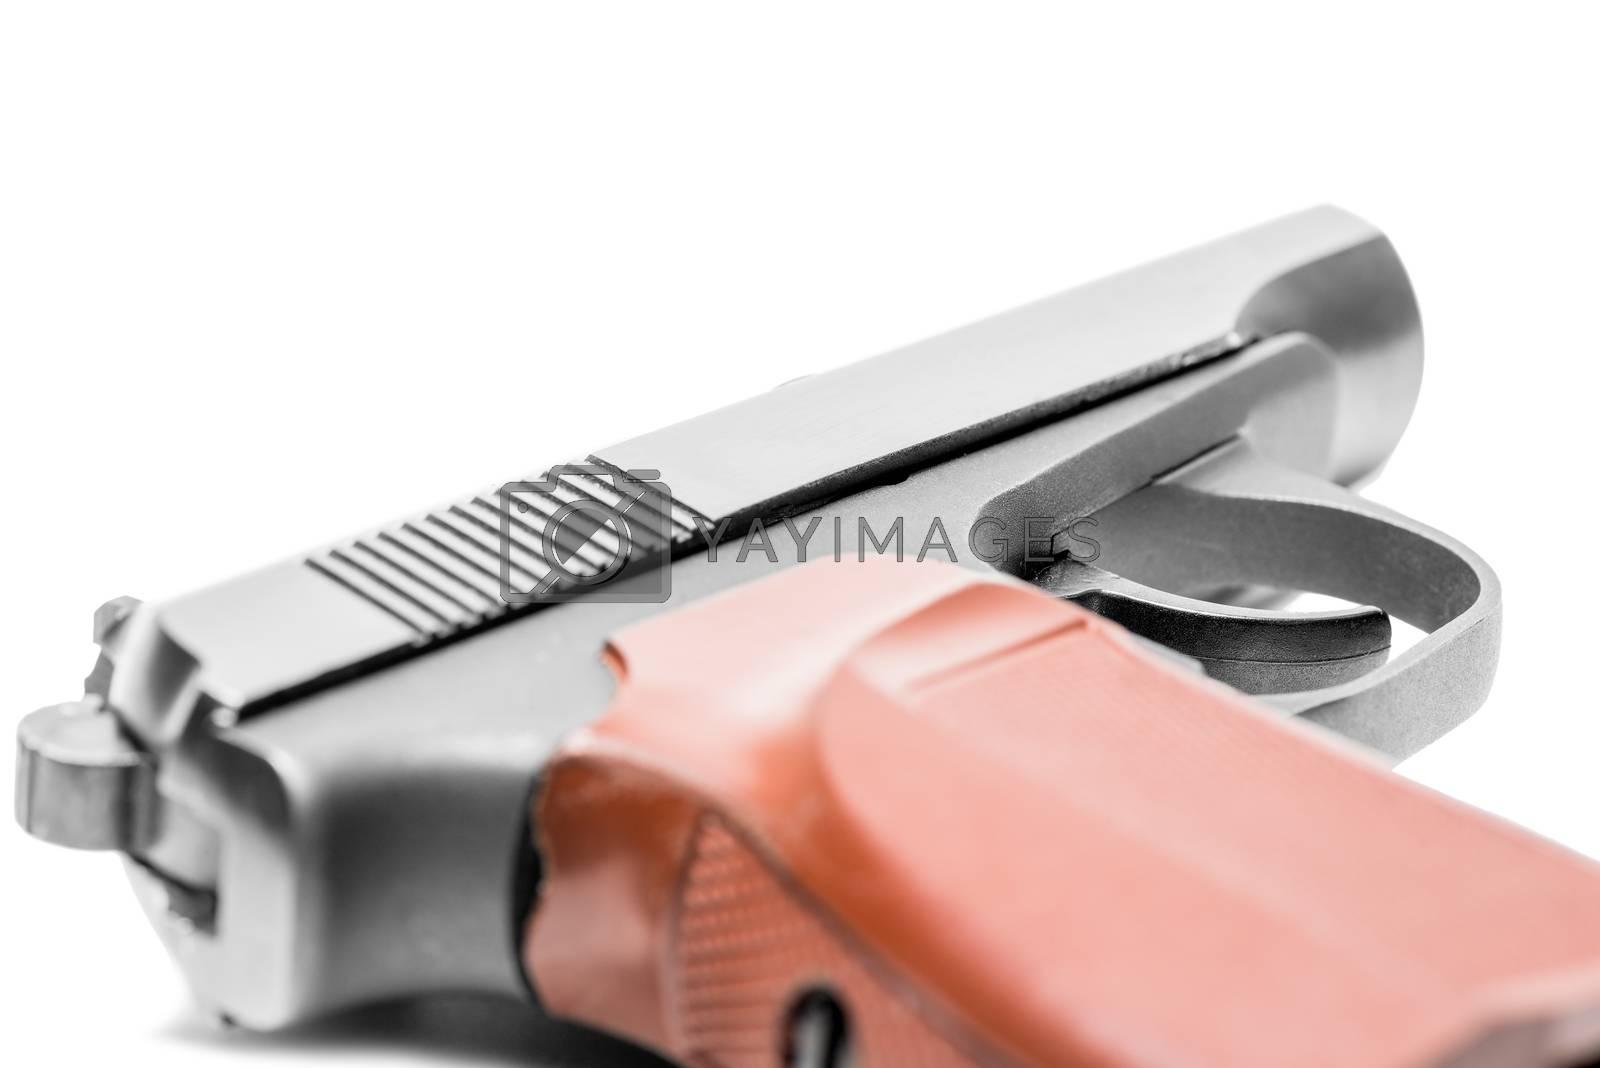 gas pistol on a white background close-up by Labunskiy K.